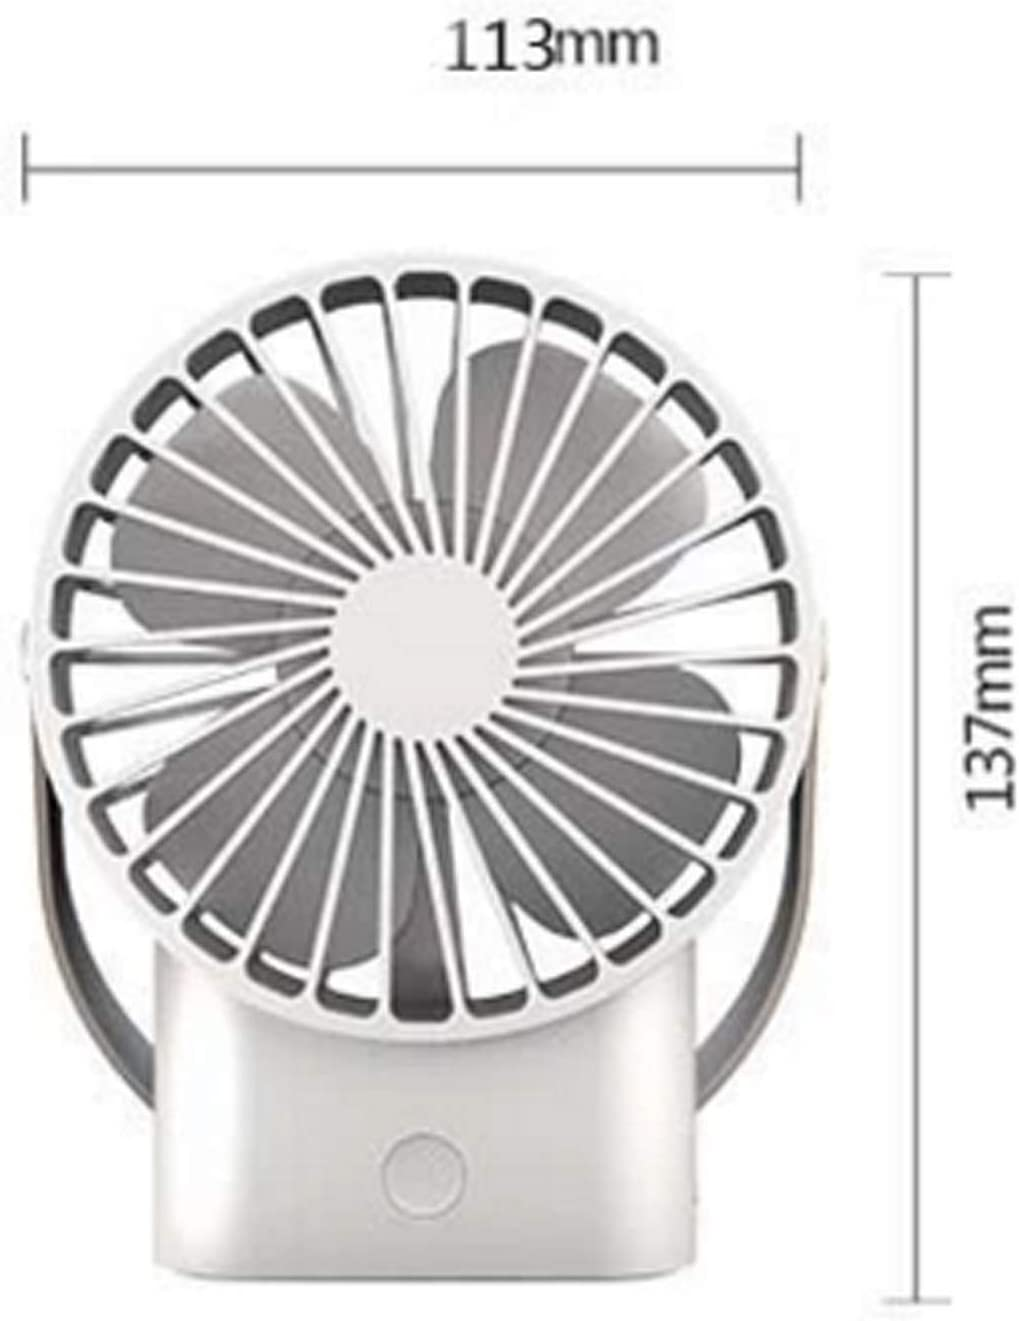 XIAOF-FEN Handheld Portable Handle Fan USB Cooling Table Electric Fan Outdoor Personal Desktop Fans USB Fan